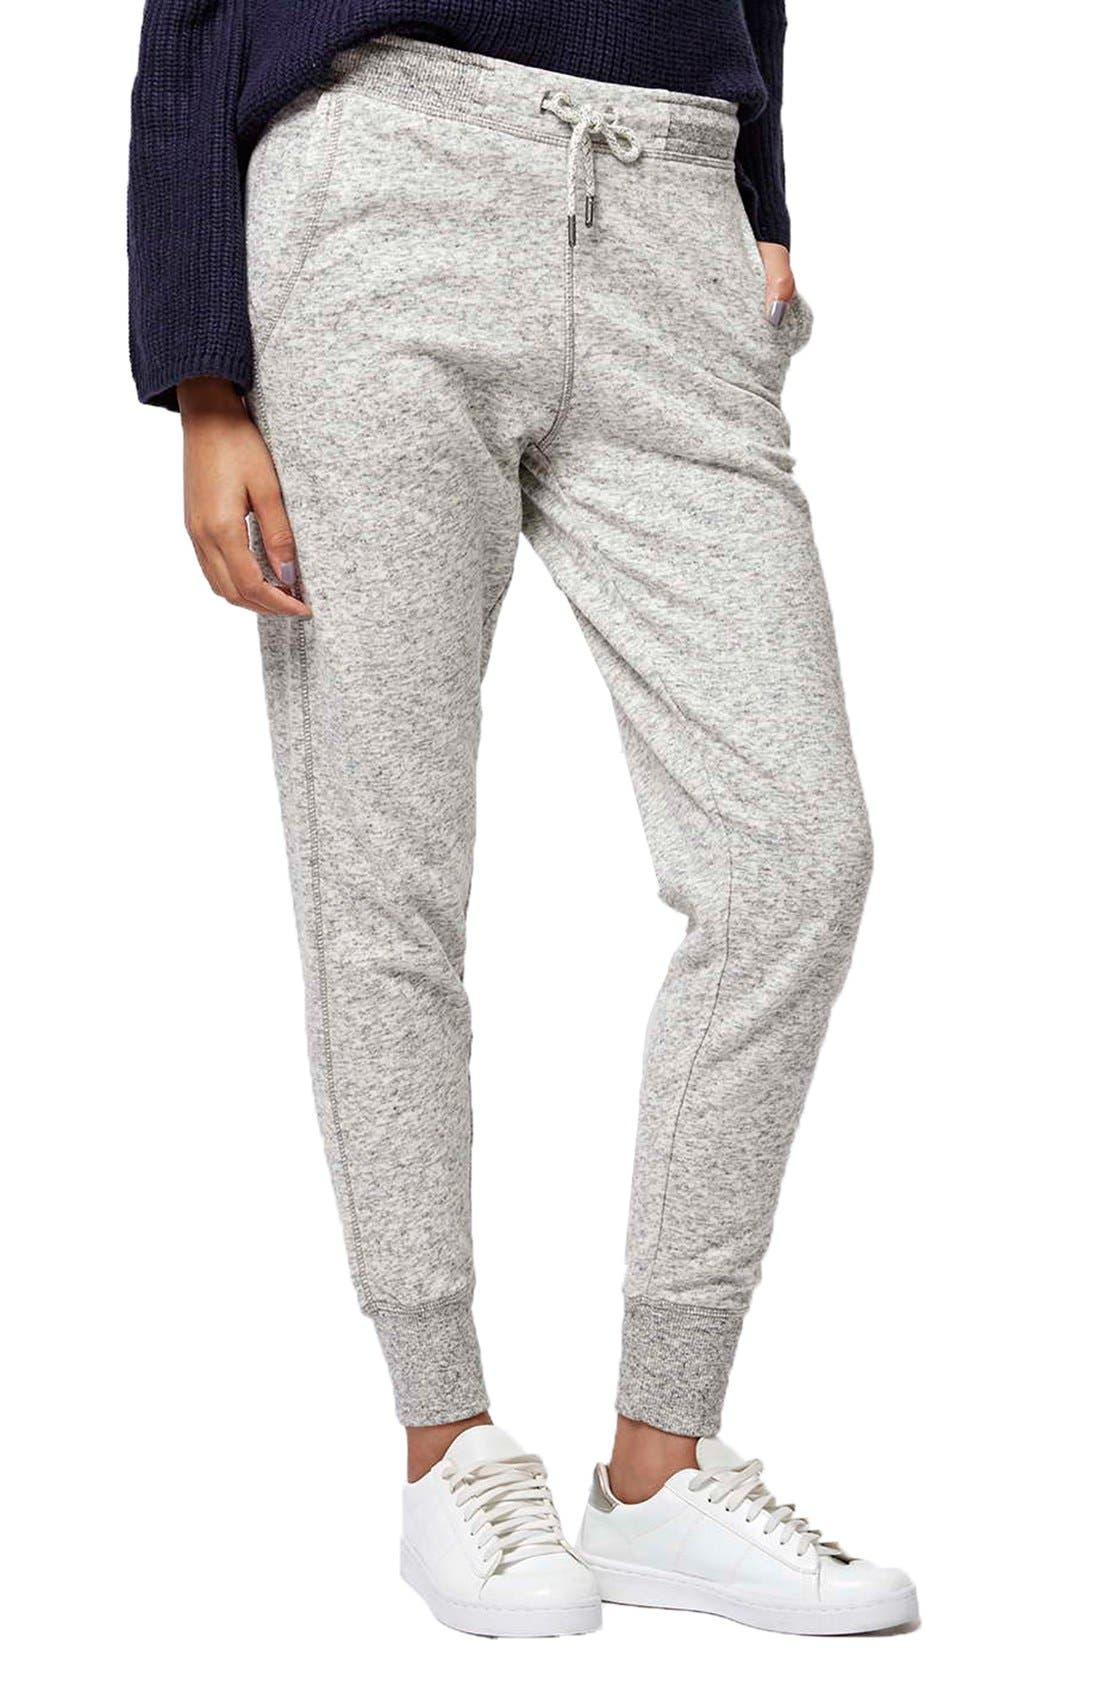 Slim Fit Marled Jogger Pants,                             Main thumbnail 1, color,                             Light Grey